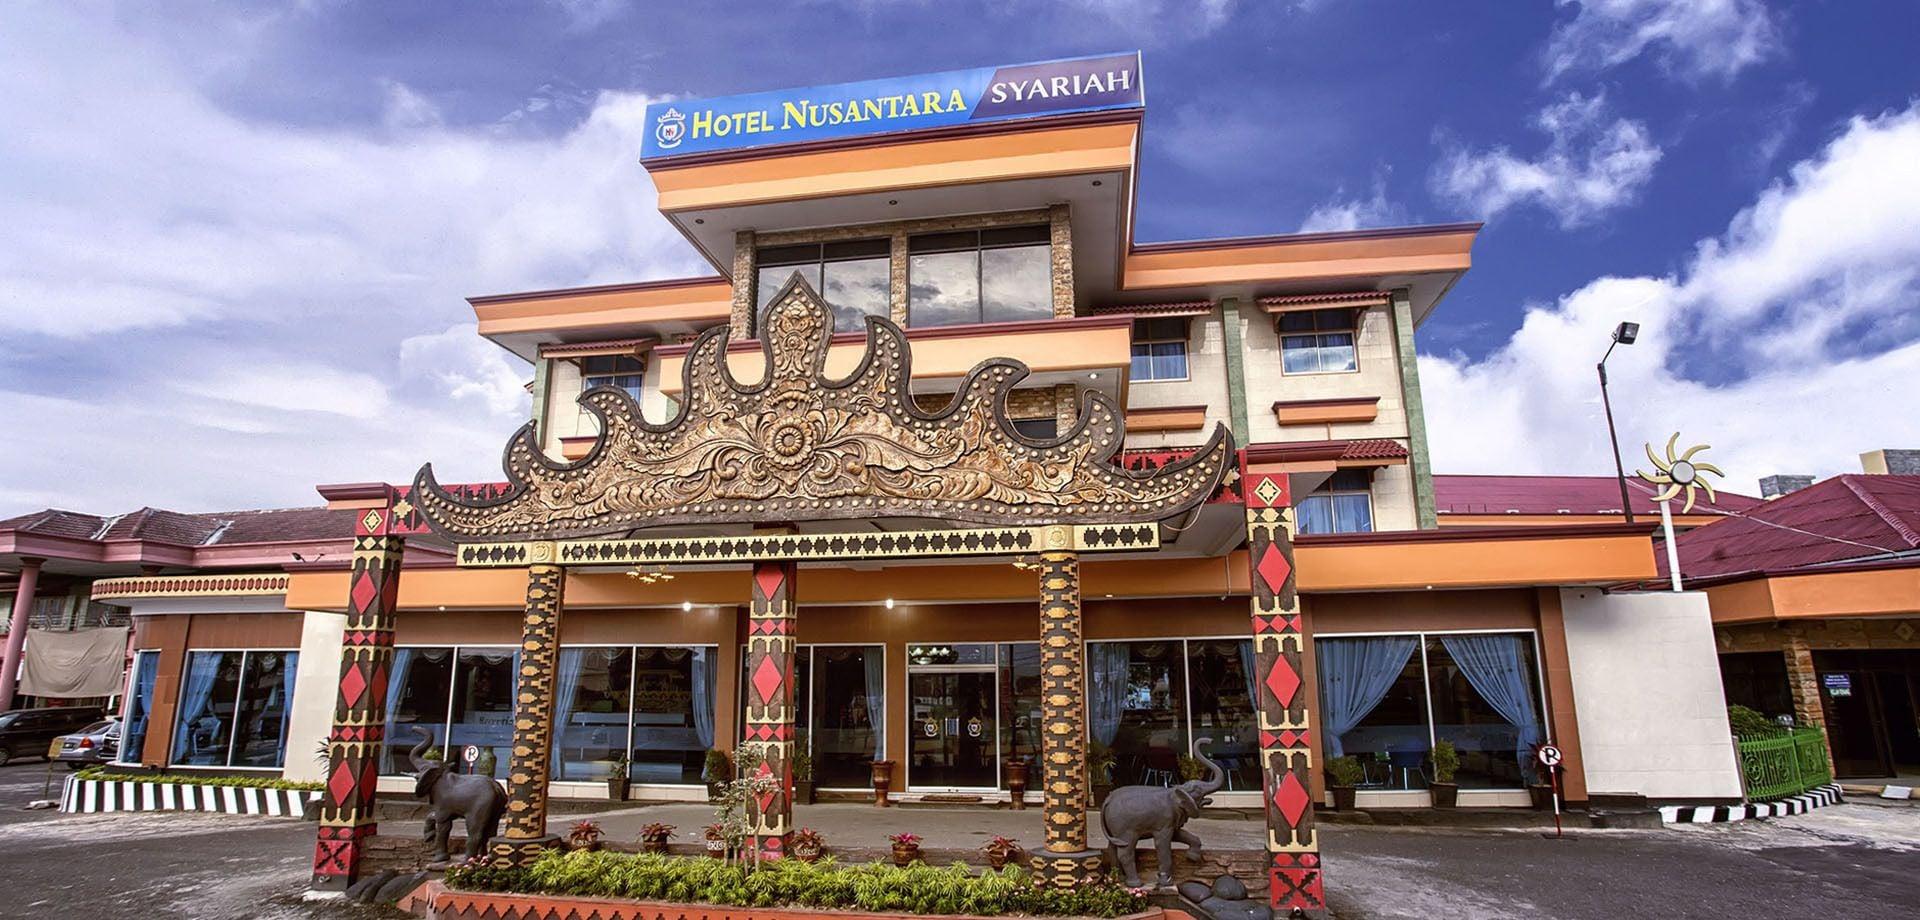 Hotel Nusantara Syariah, Bandar Lampung